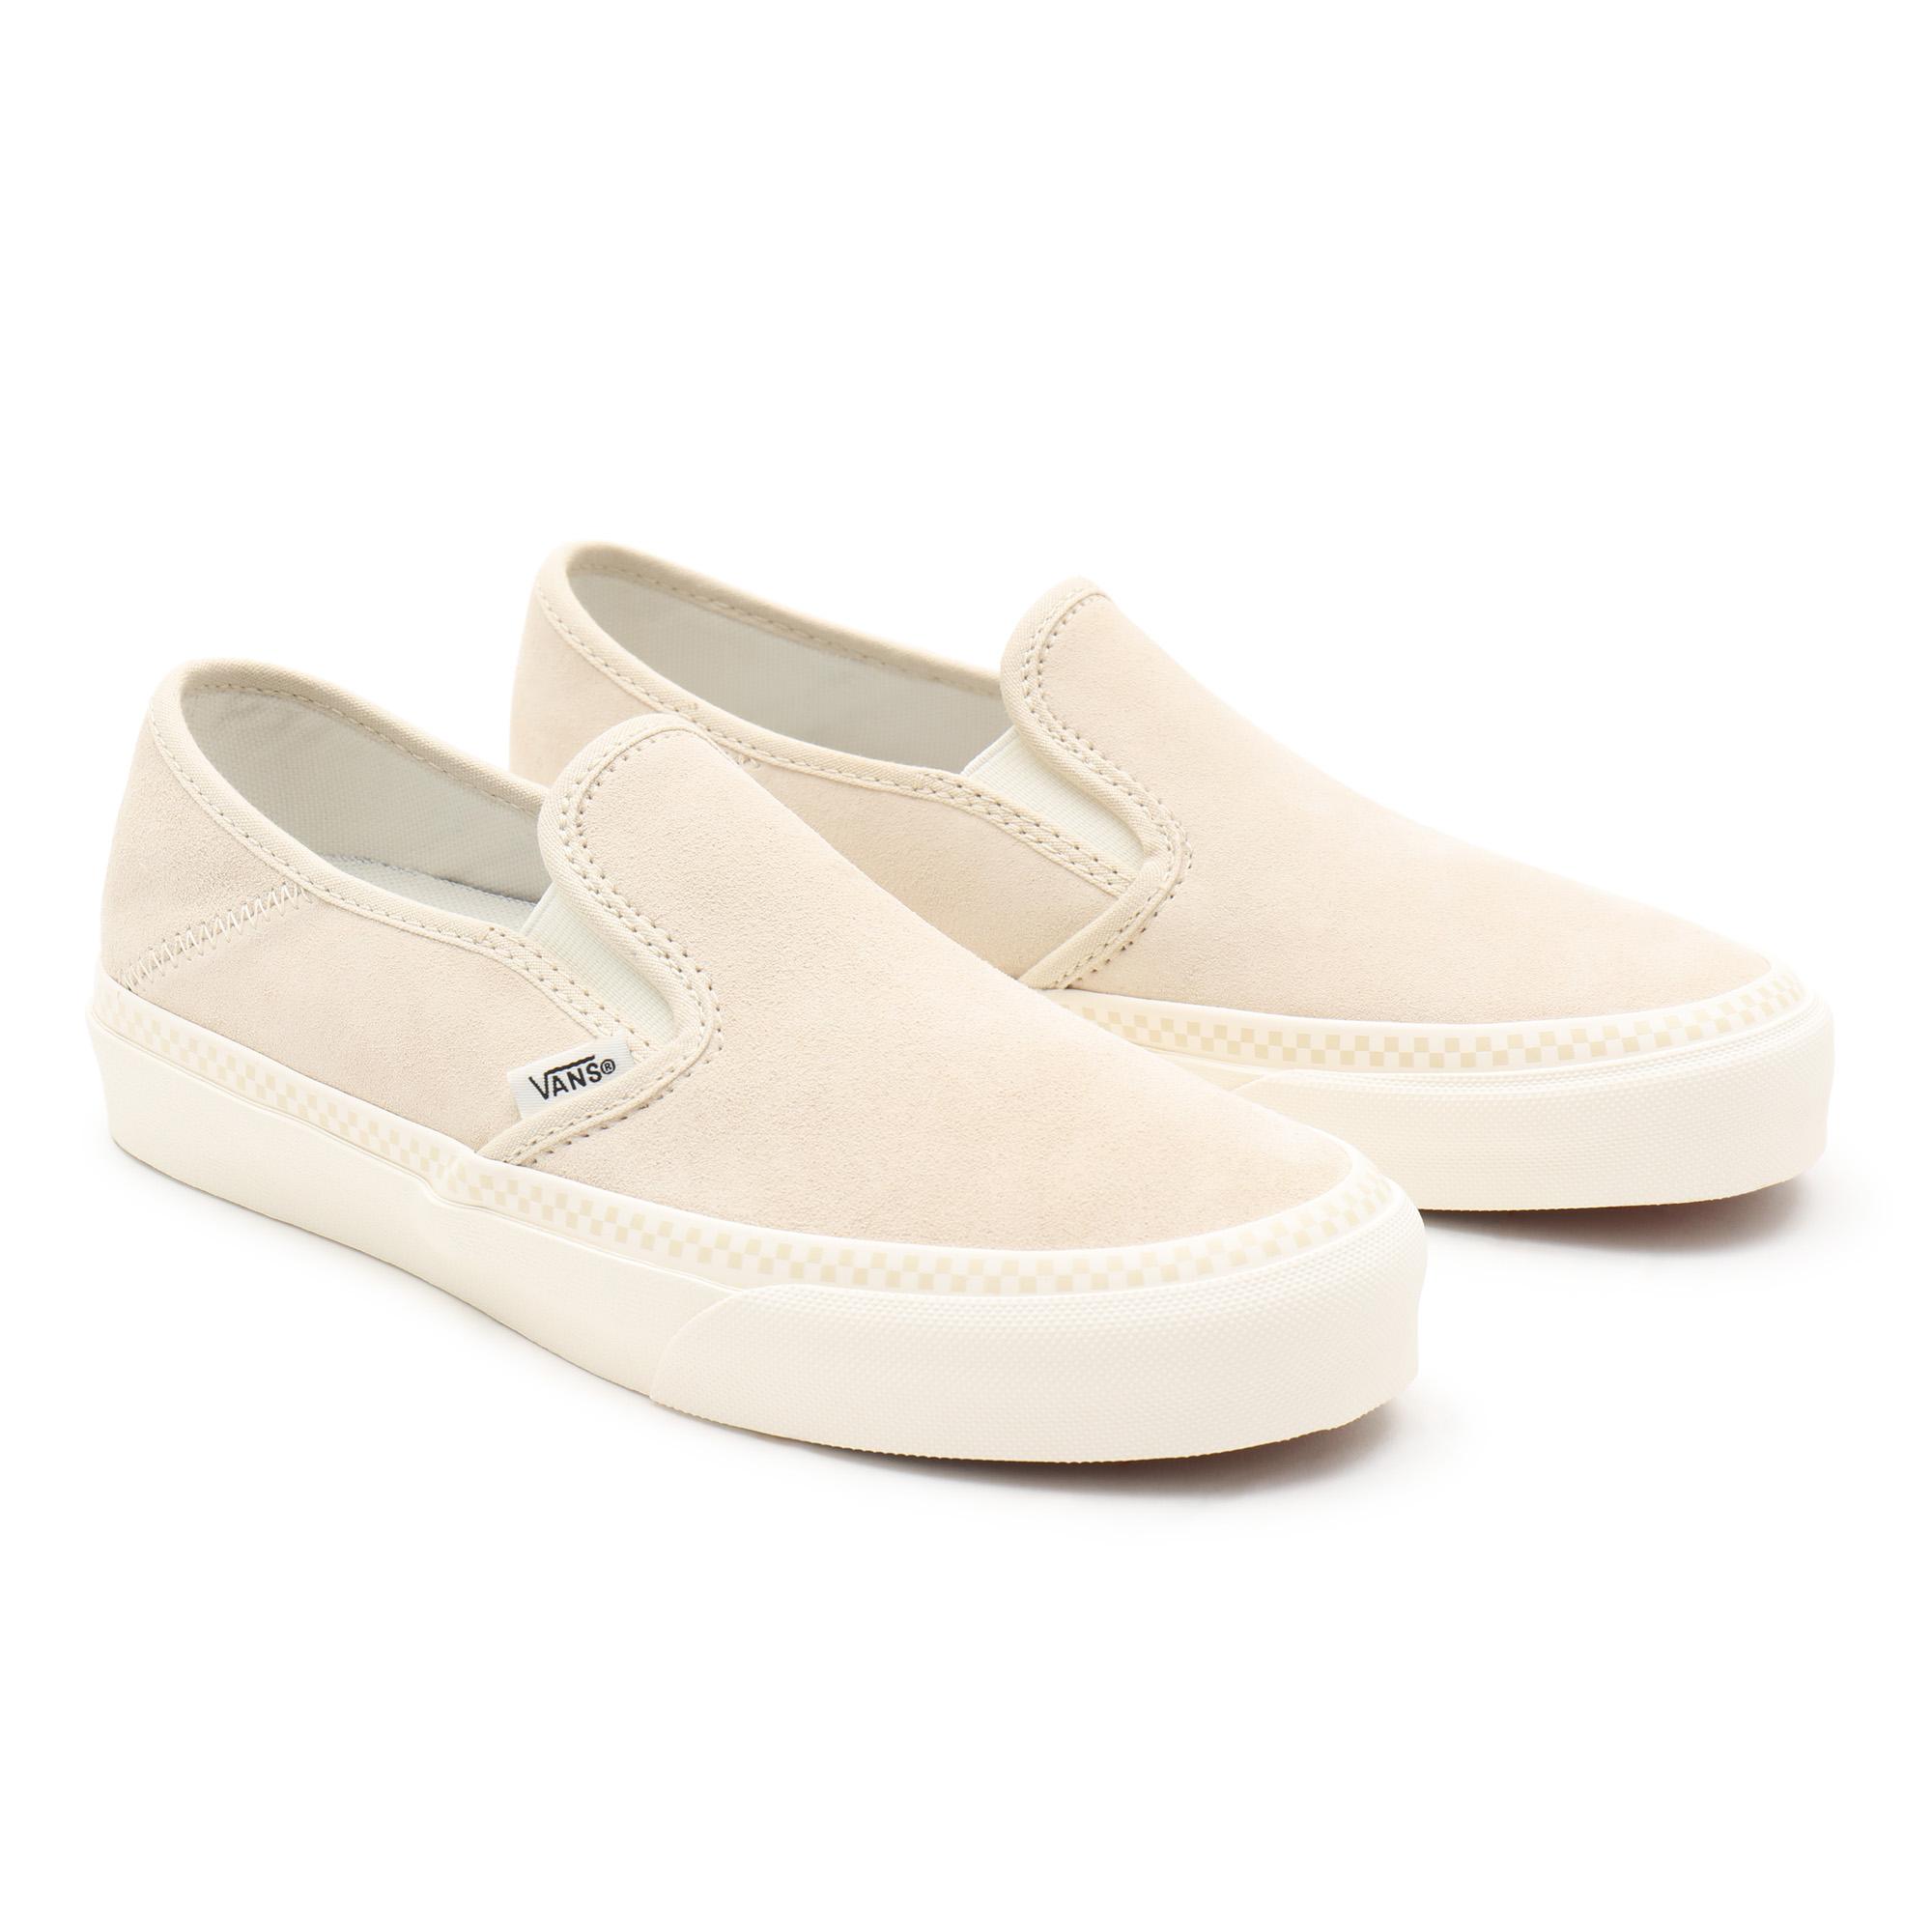 Слипоны Surf Supply Sf VANS белого цвета